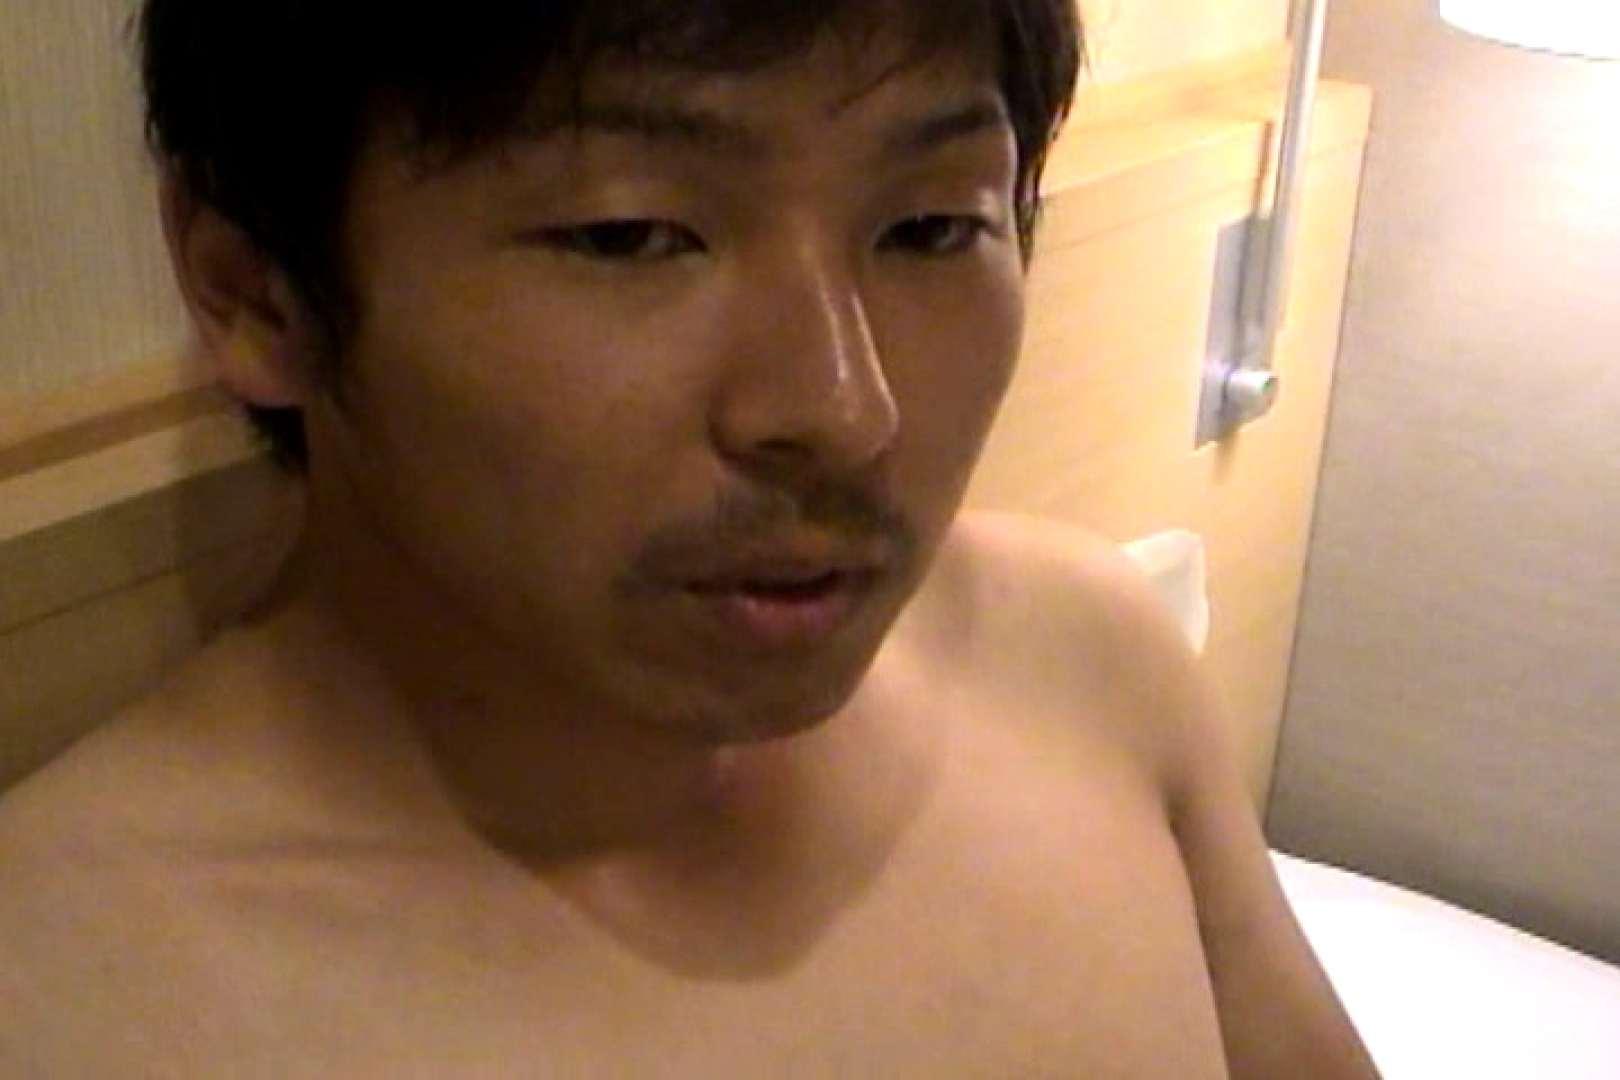 三ツ星シリーズ 魅惑のMemorial Night!! 突入02 ゲイ達のフェラ | ノンケのオナニー  6枚 1